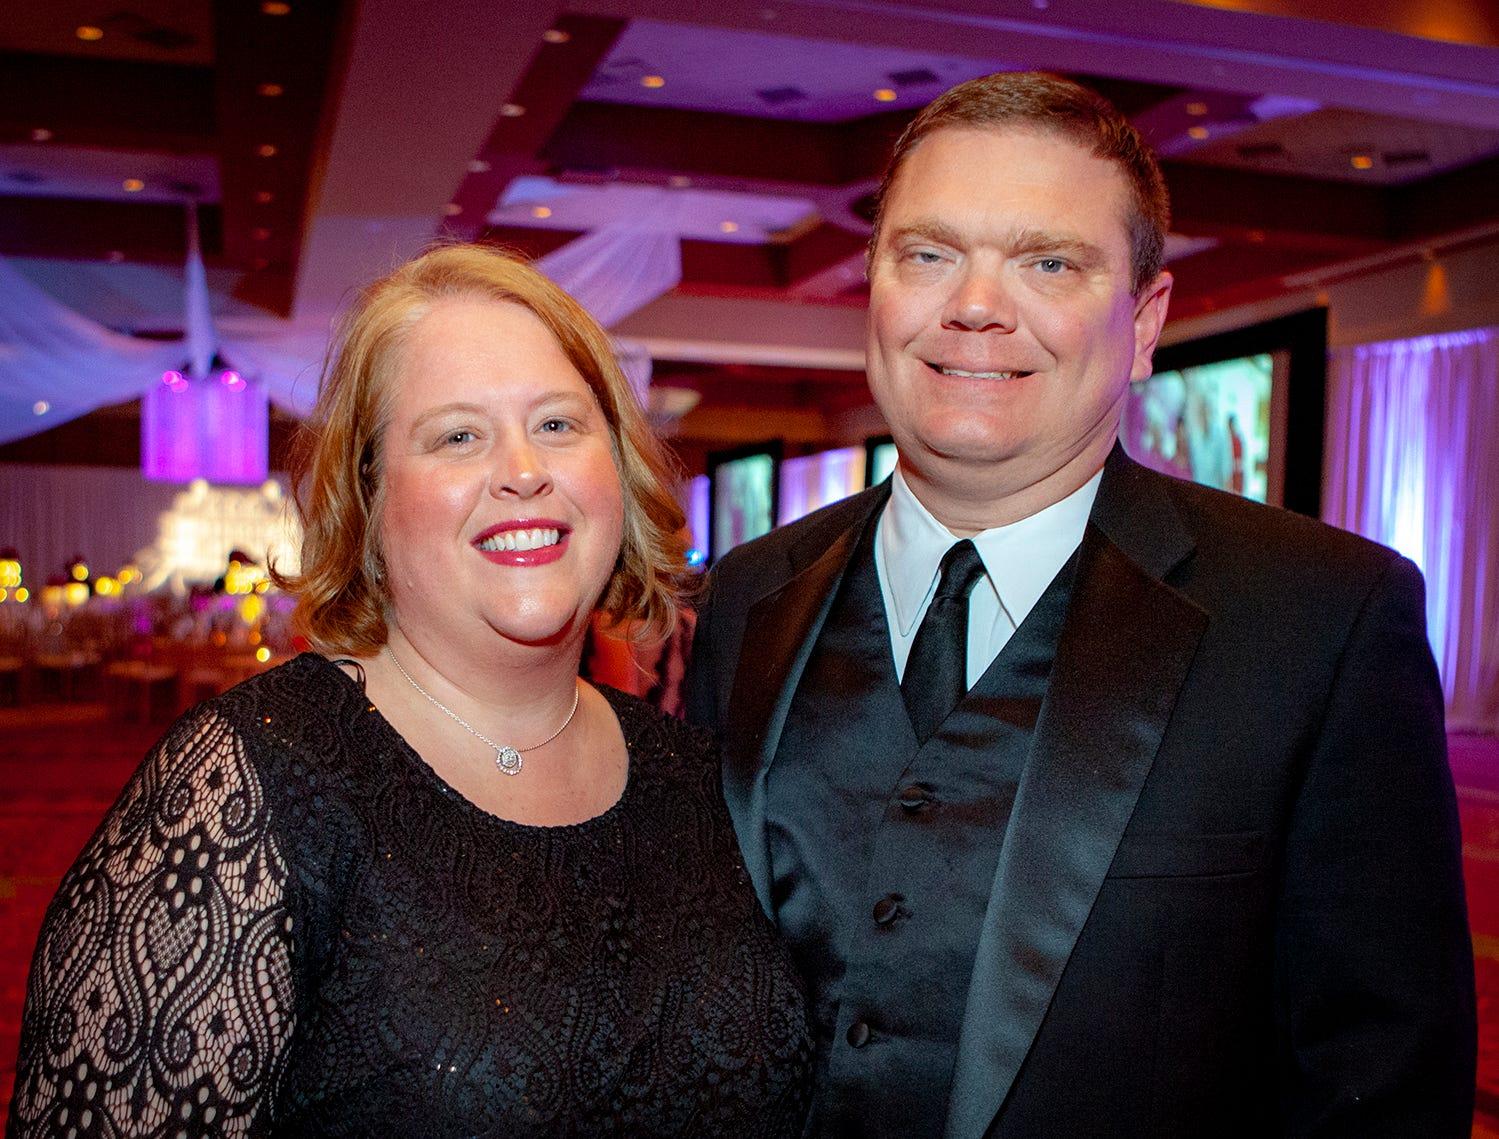 Betsy and Robert Coggin at the 2019 Saint Thomas Rutherford Foundation Gala on Saturday, Jan. 19, 2019 at Embassy Suites Murfreesboro.